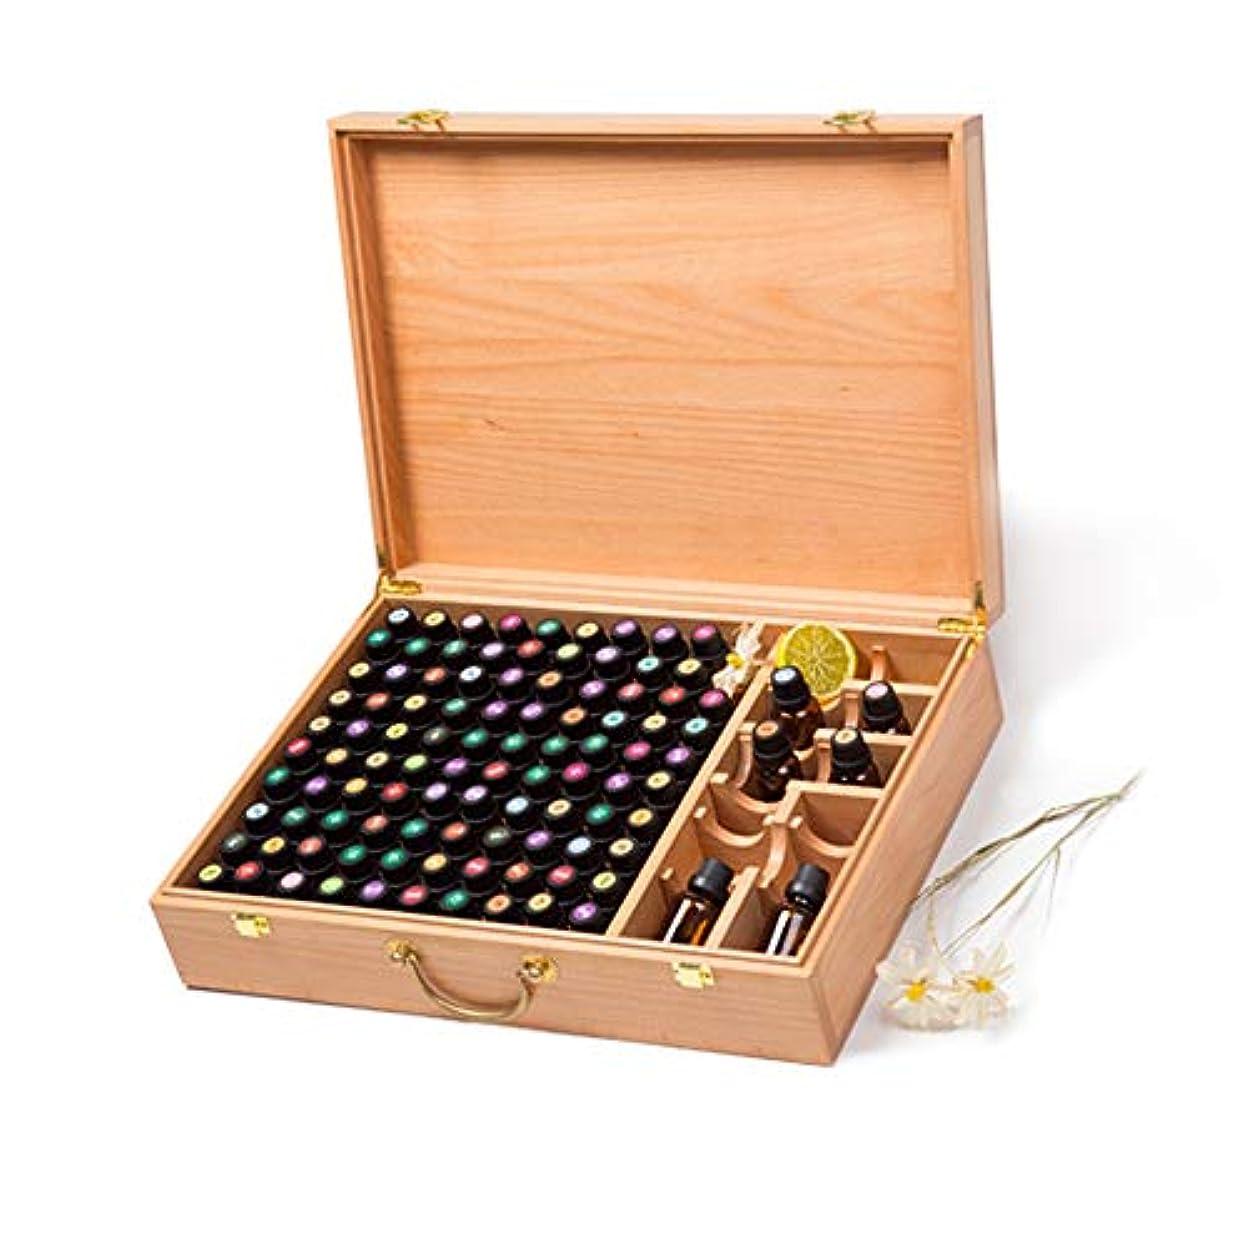 火星課す医薬品アロマセラピー収納ボックス ハンドル100手作りの木製のエッセンシャルオイルの収納ボックスとパーフェクトオイルカートン エッセンシャルオイル収納ボックス (色 : Natural, サイズ : 44X31.5X10.5CM)